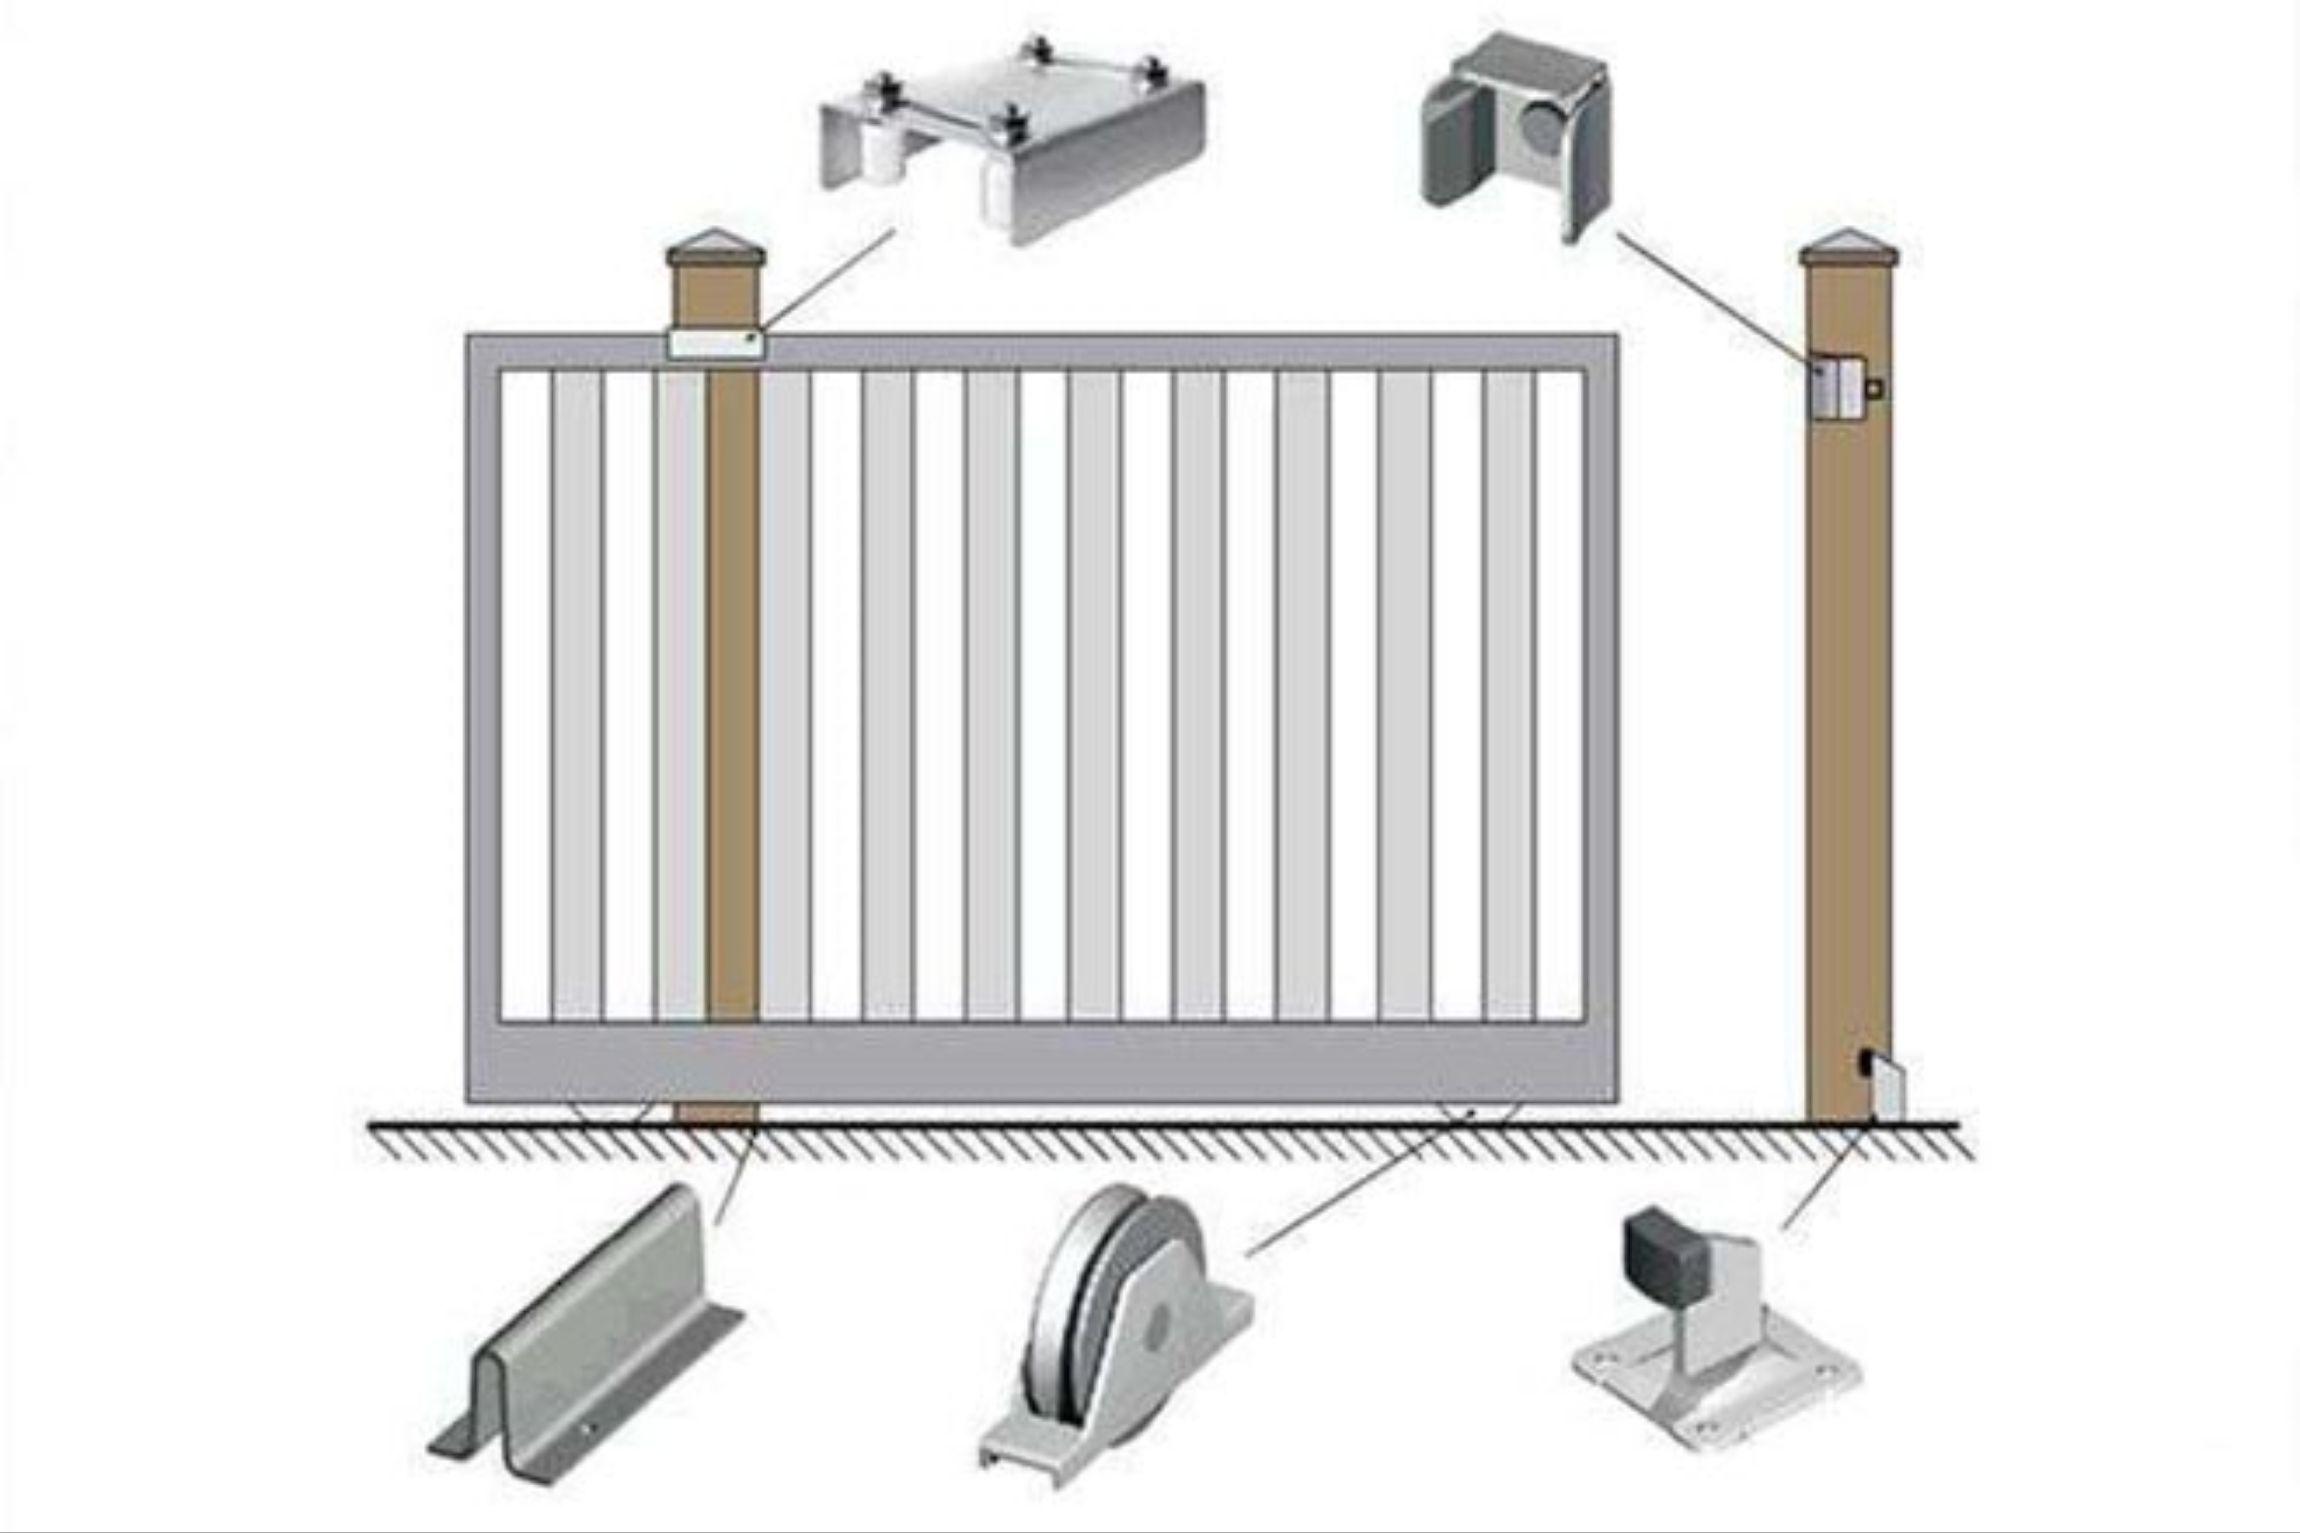 Ворота на ролике схема